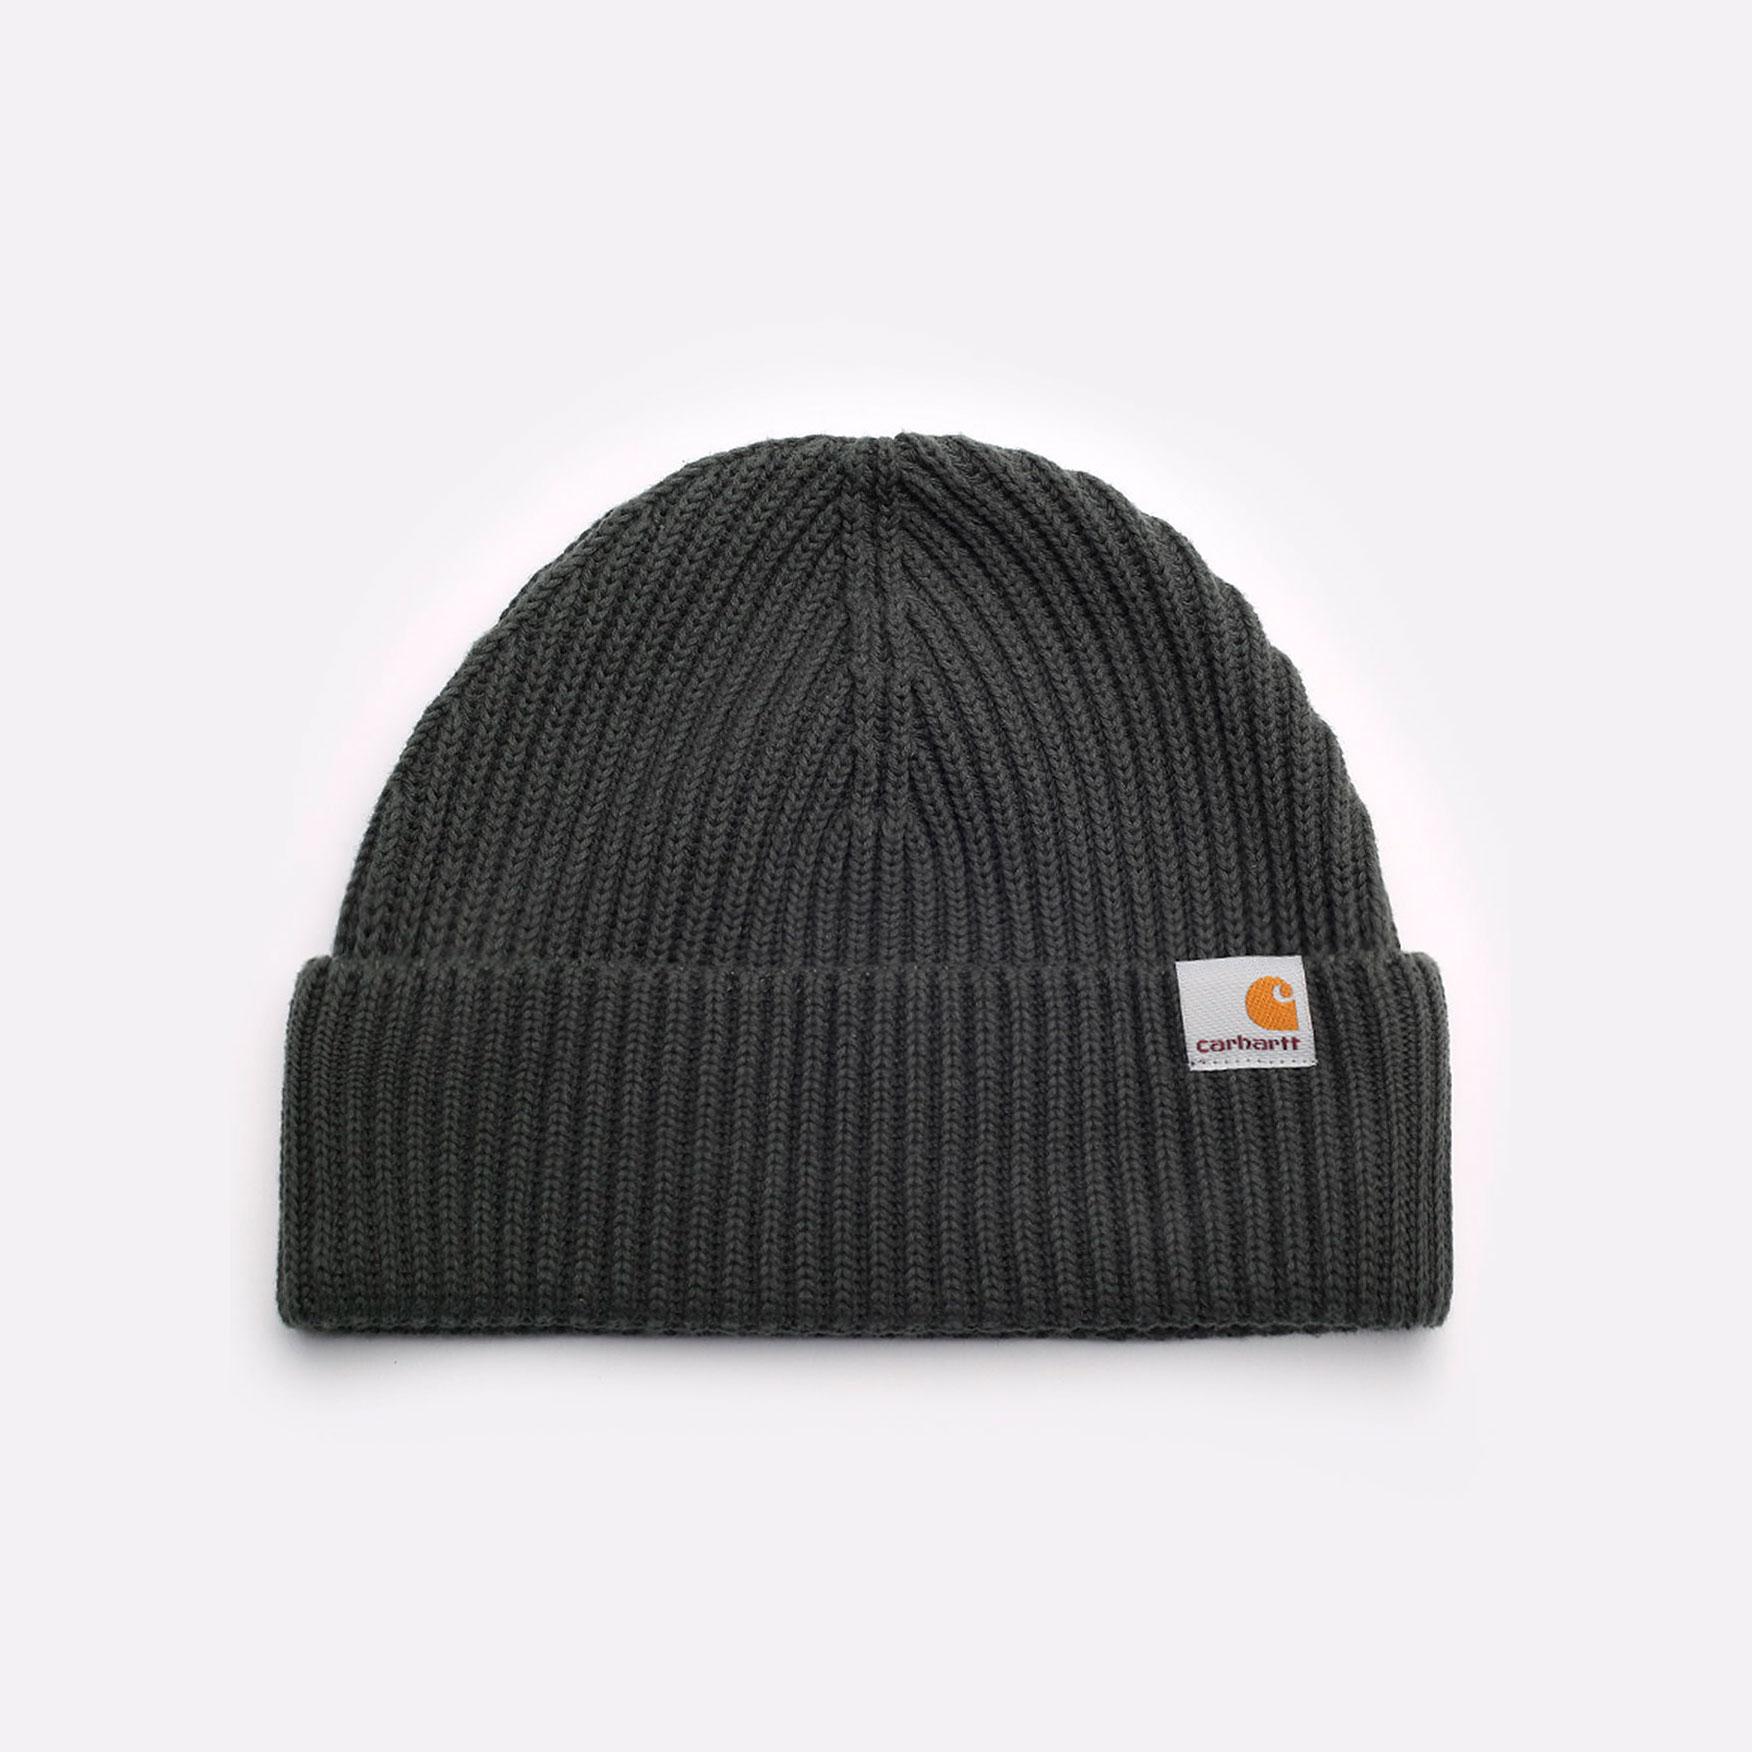 зеленая шапка Carhartt WIP Burbank Beanie I029491-slate - цена, описание, фото 1